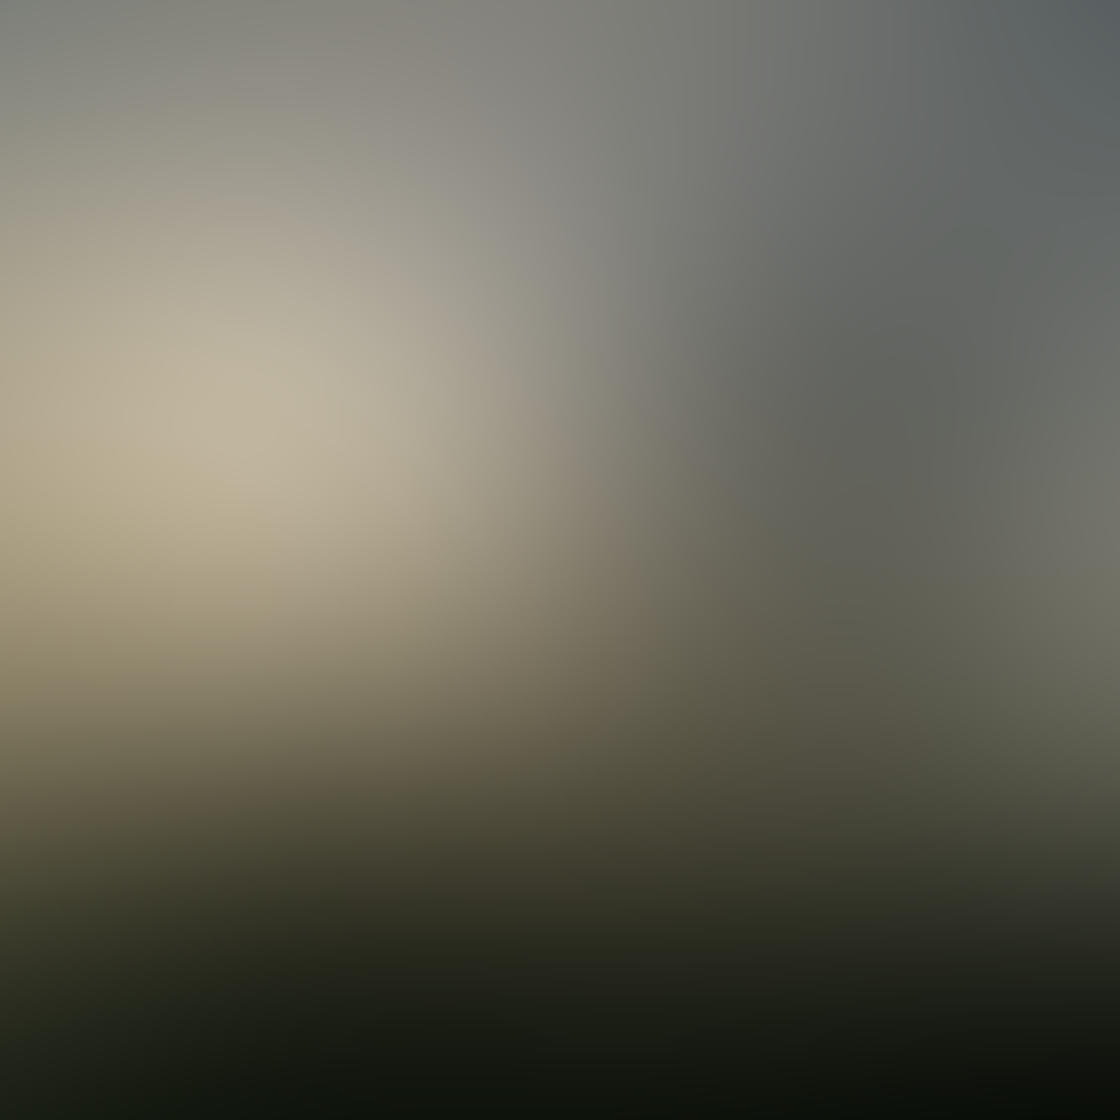 Fog & Mist iPhone Photos 14